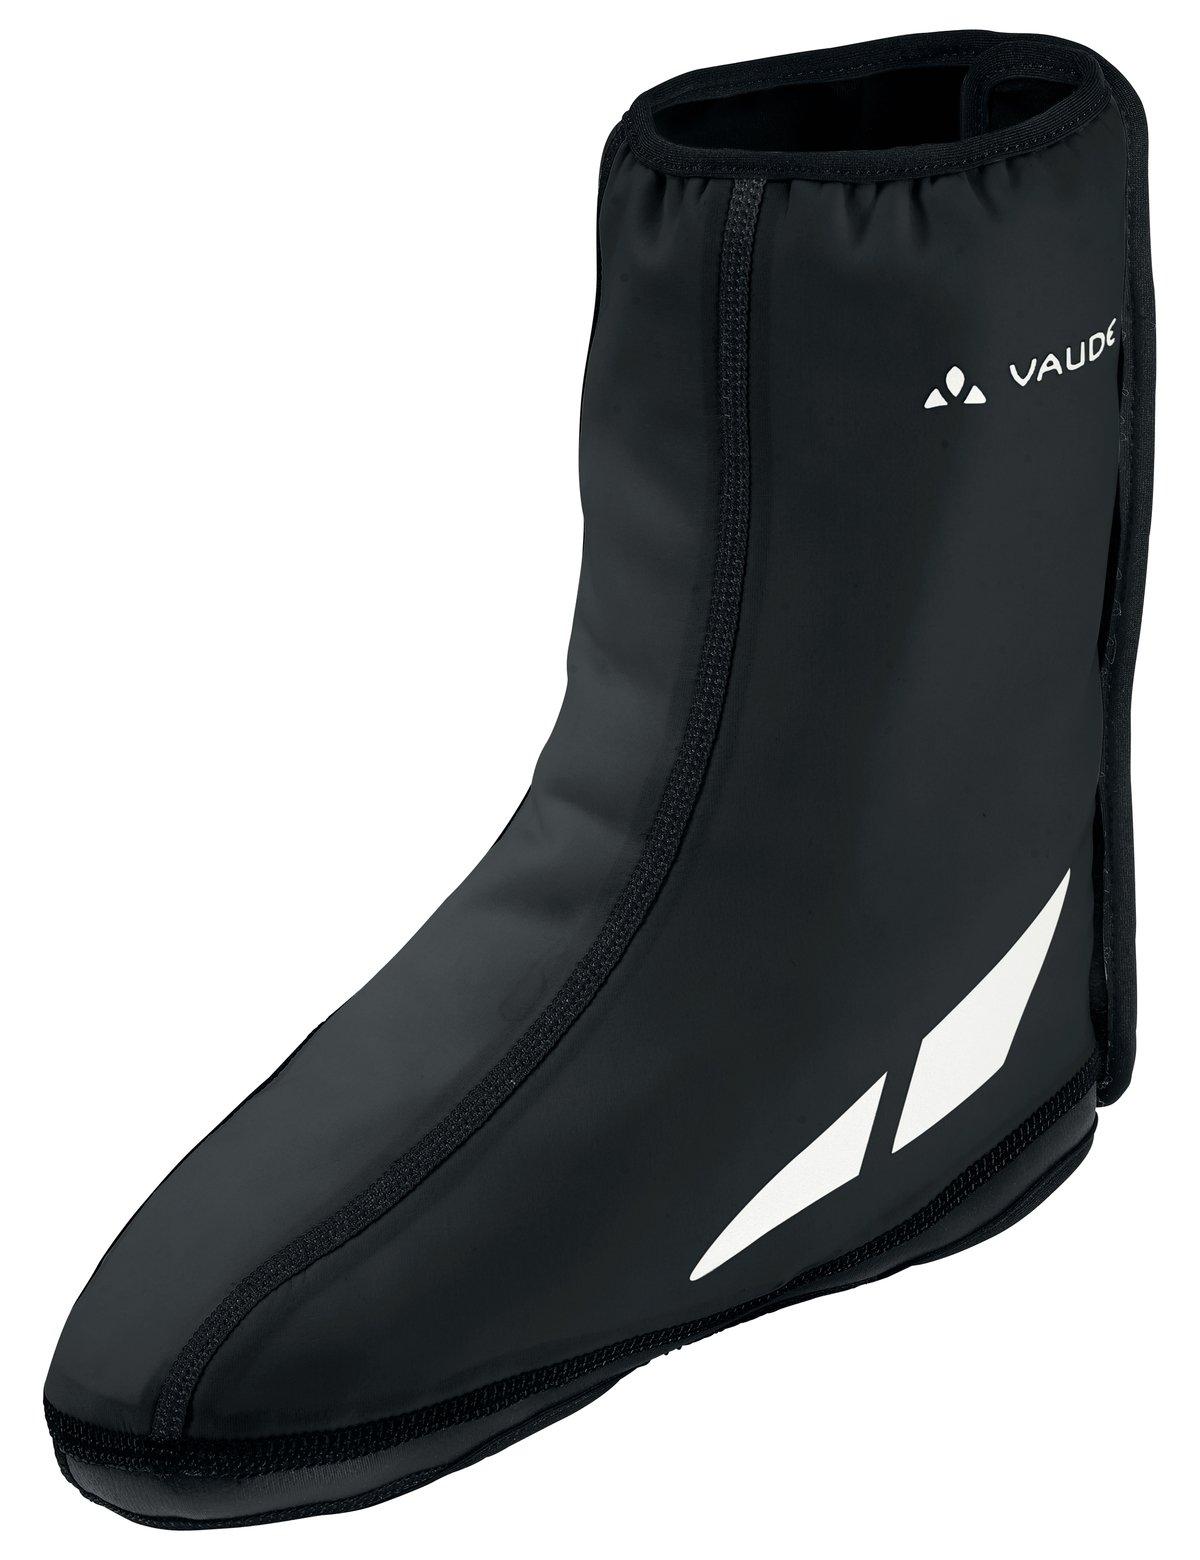 Vaude Wet Light III skoovertræk sort | shoecovers_clothes